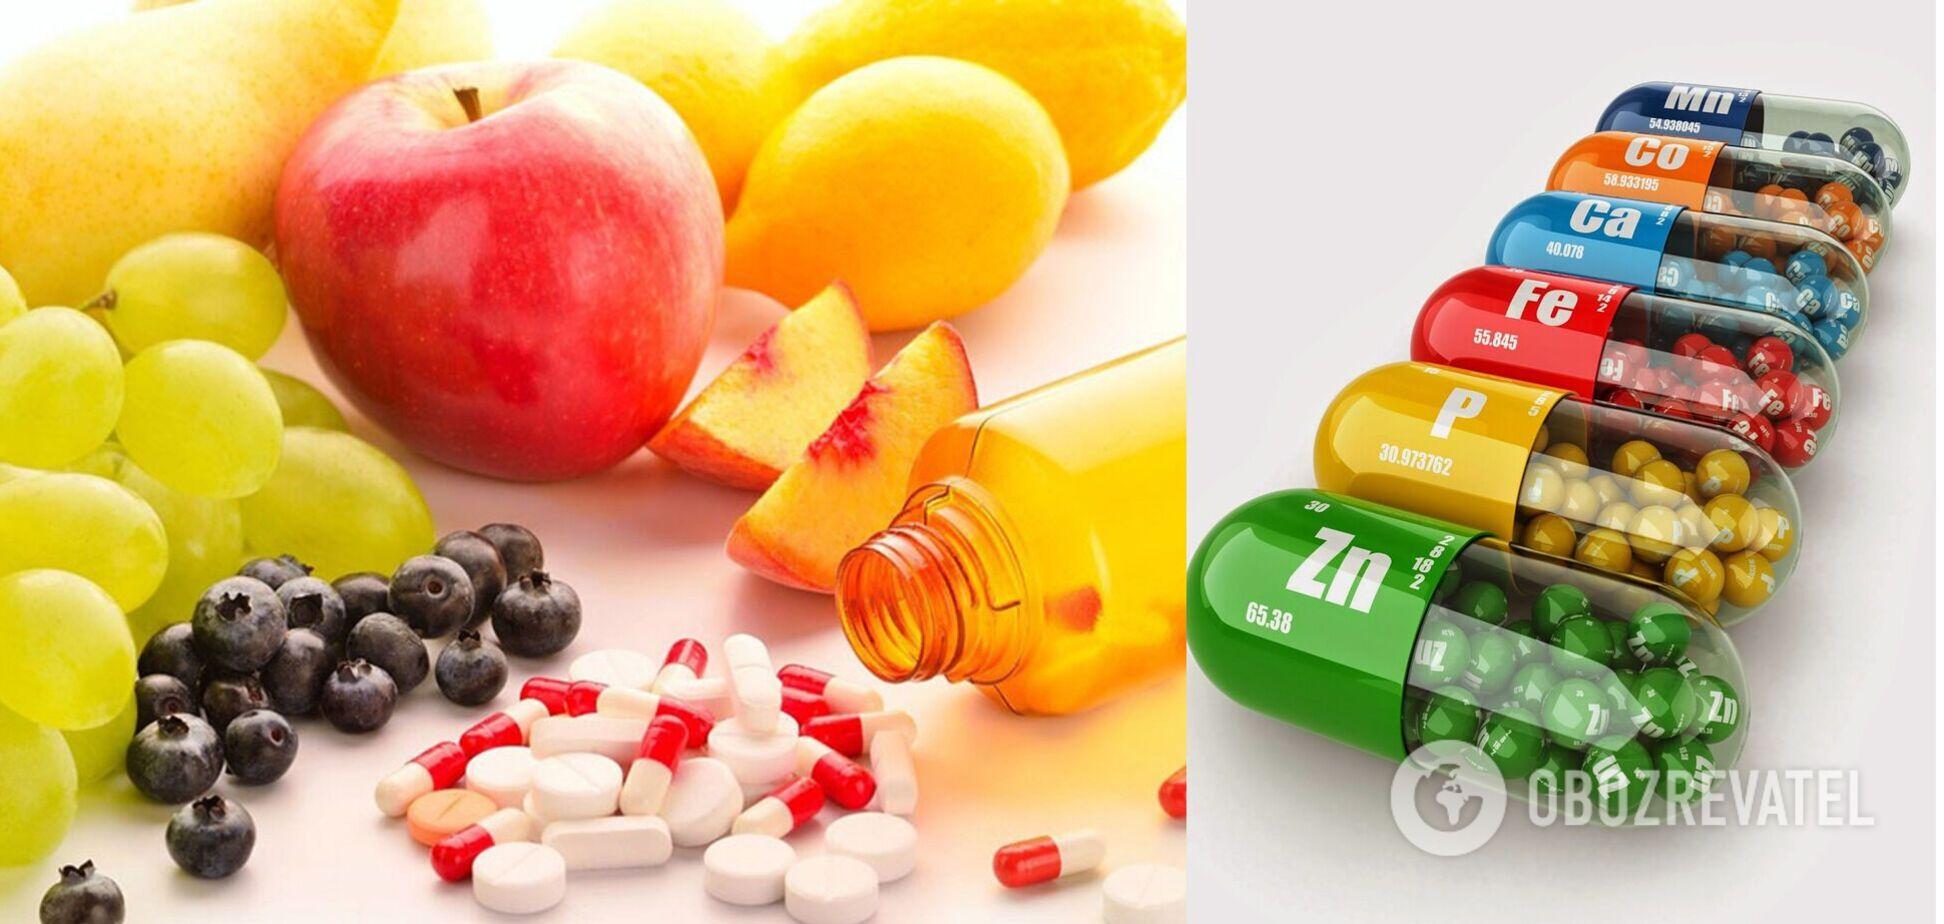 Правда о витаминах: есть ли от них польза, сколько принимать и нужно ли делать перерыв